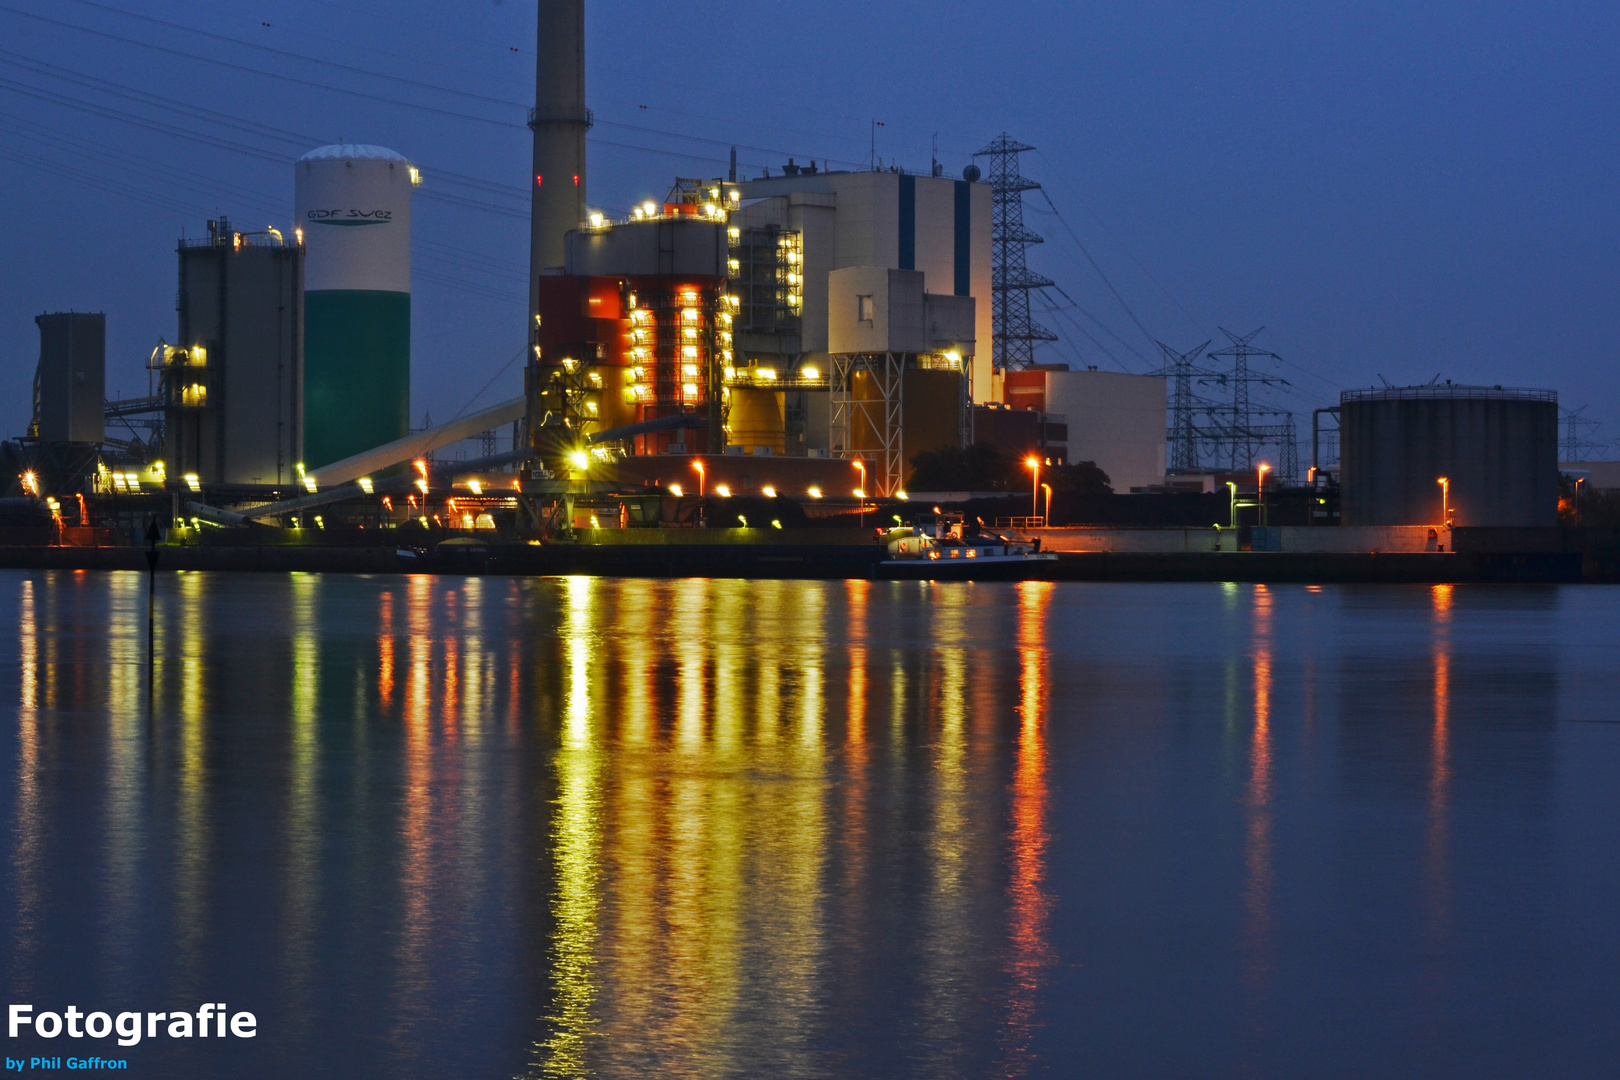 Industrie an der Weser